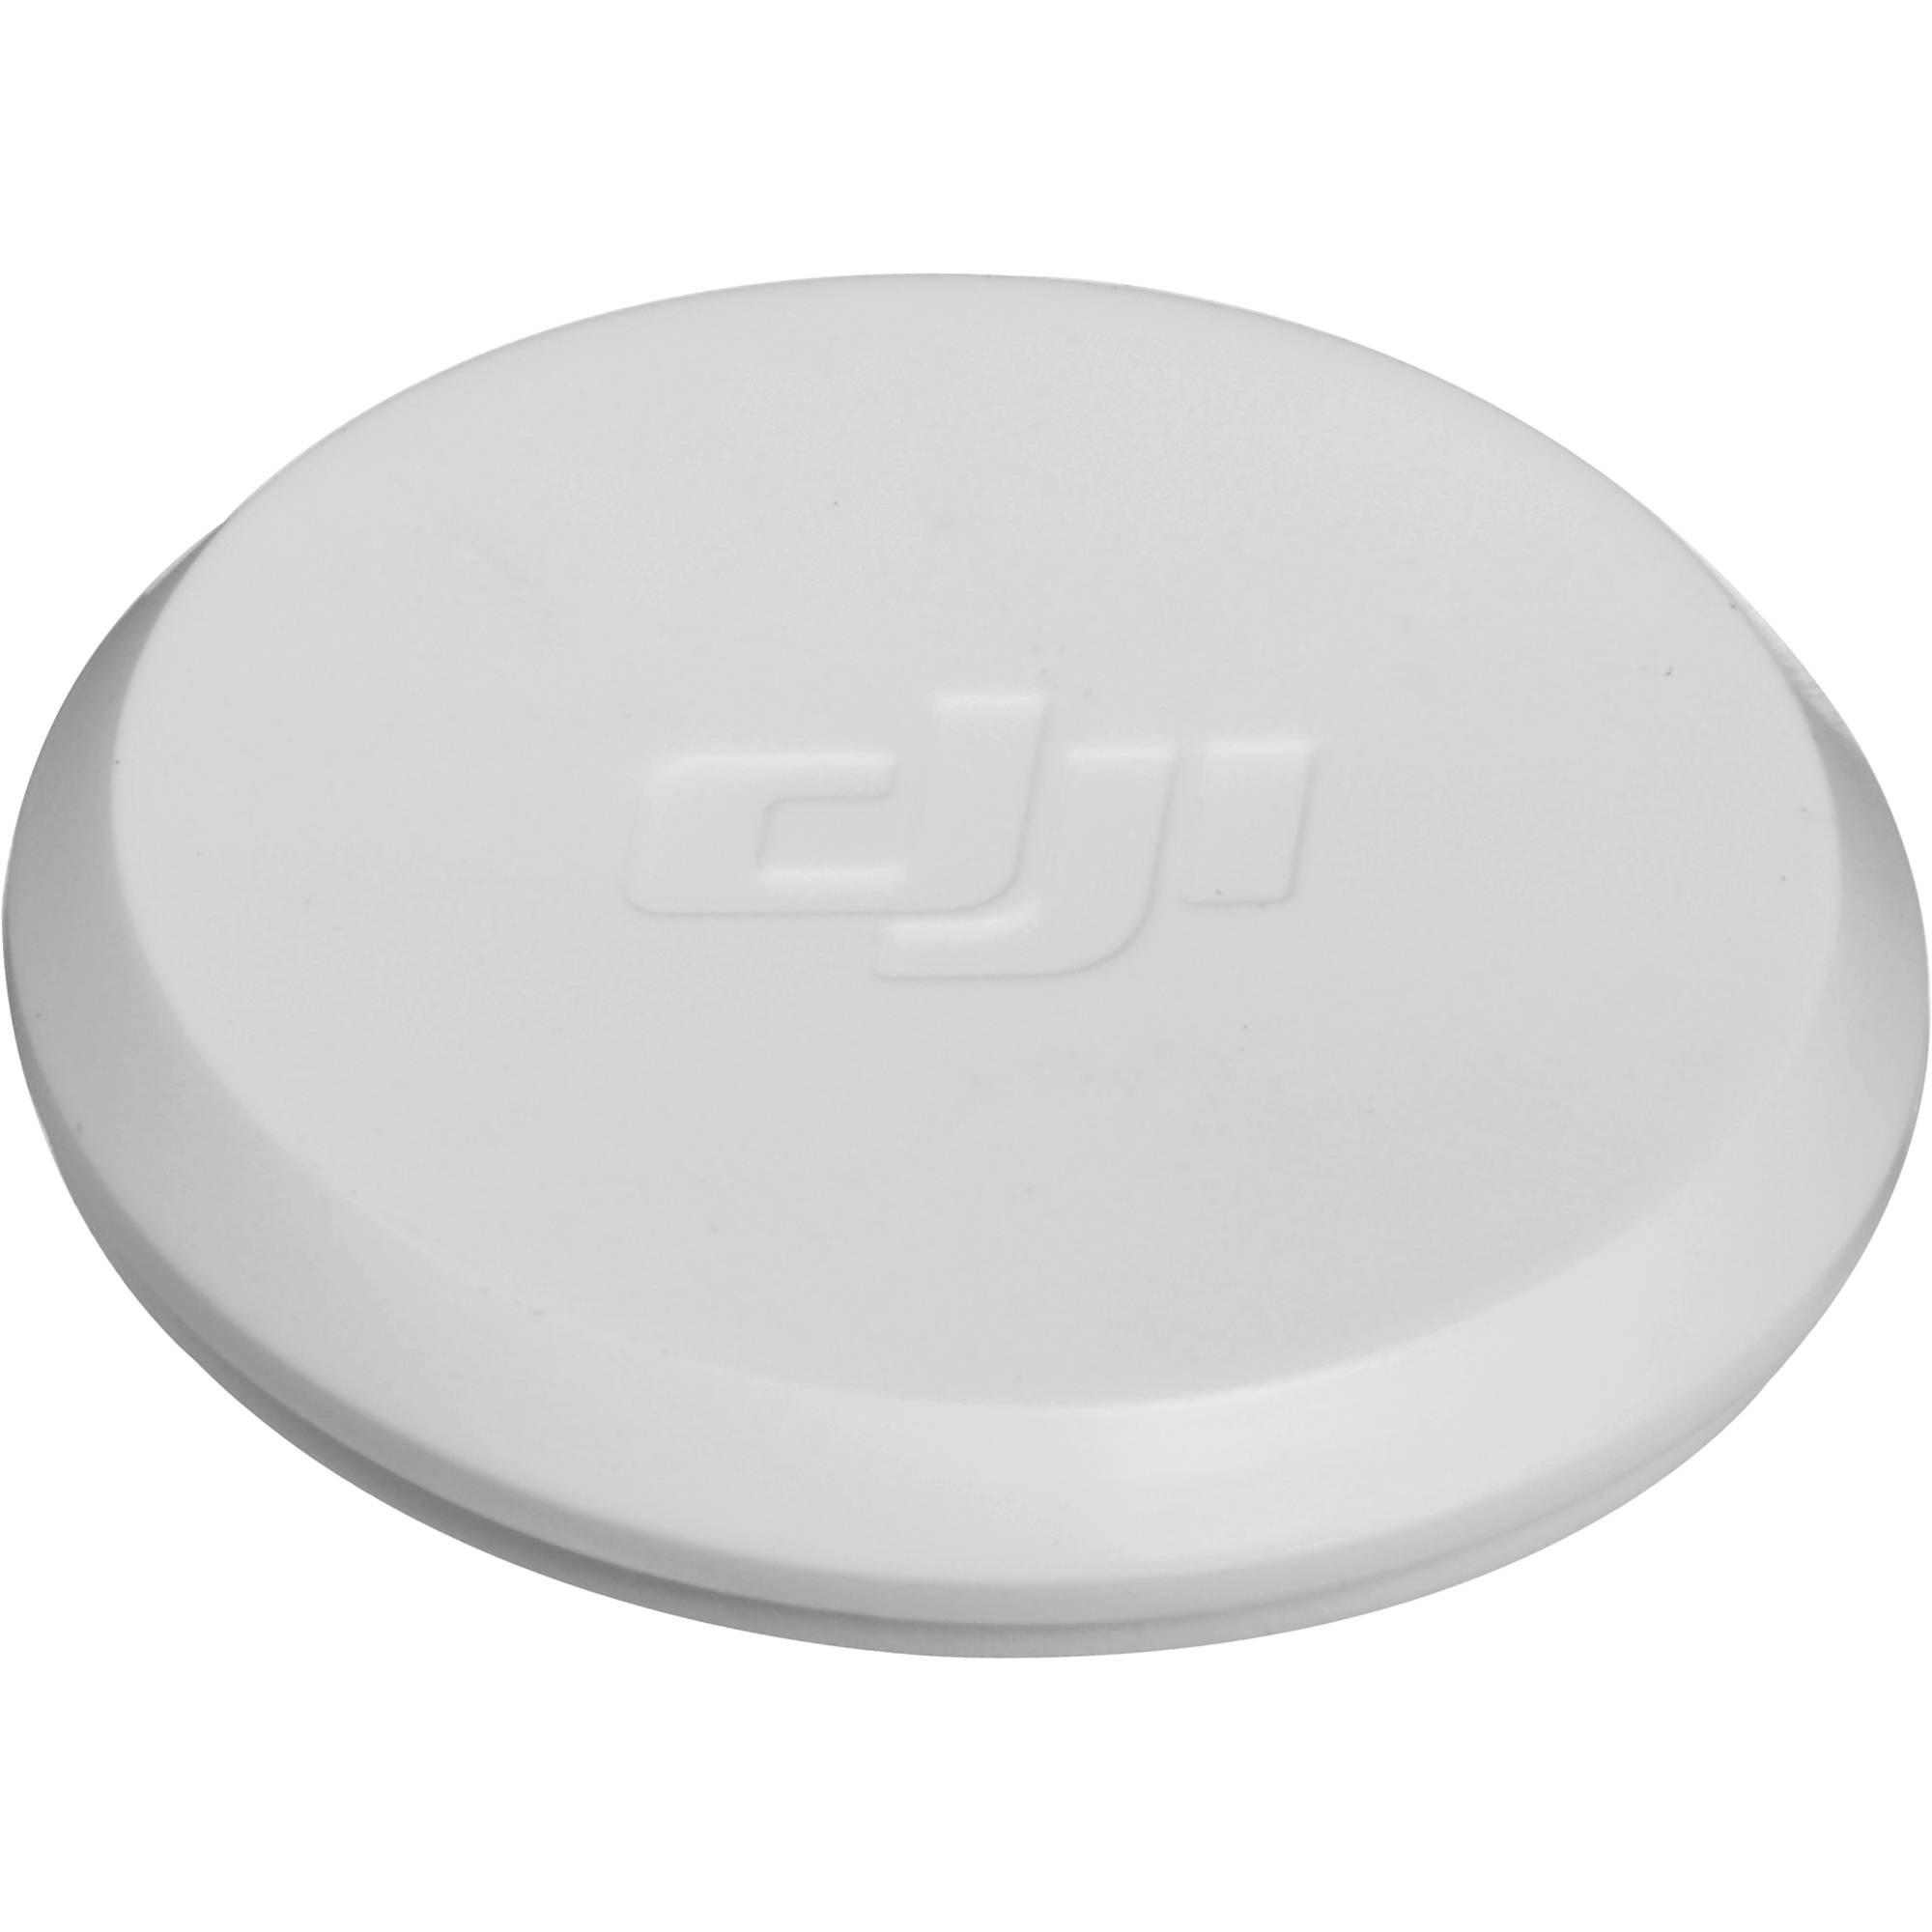 DJI Lens Cover for Phantom 2 Vision Camera (Part 25)